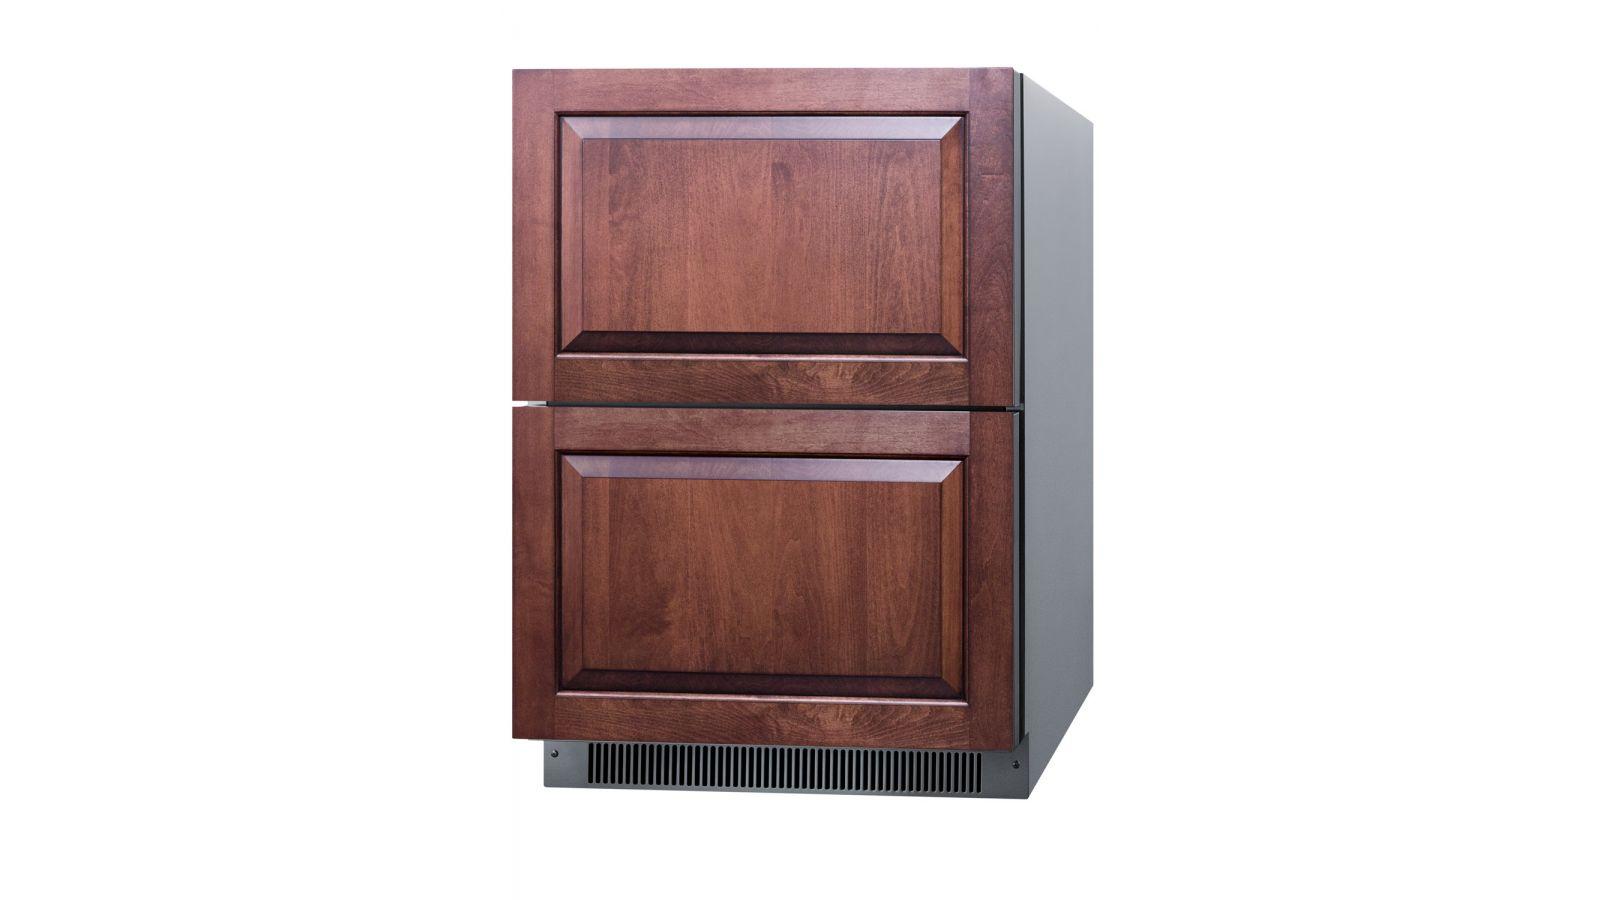 Indoor/Outdoor Versatile Drawer Refrigerator